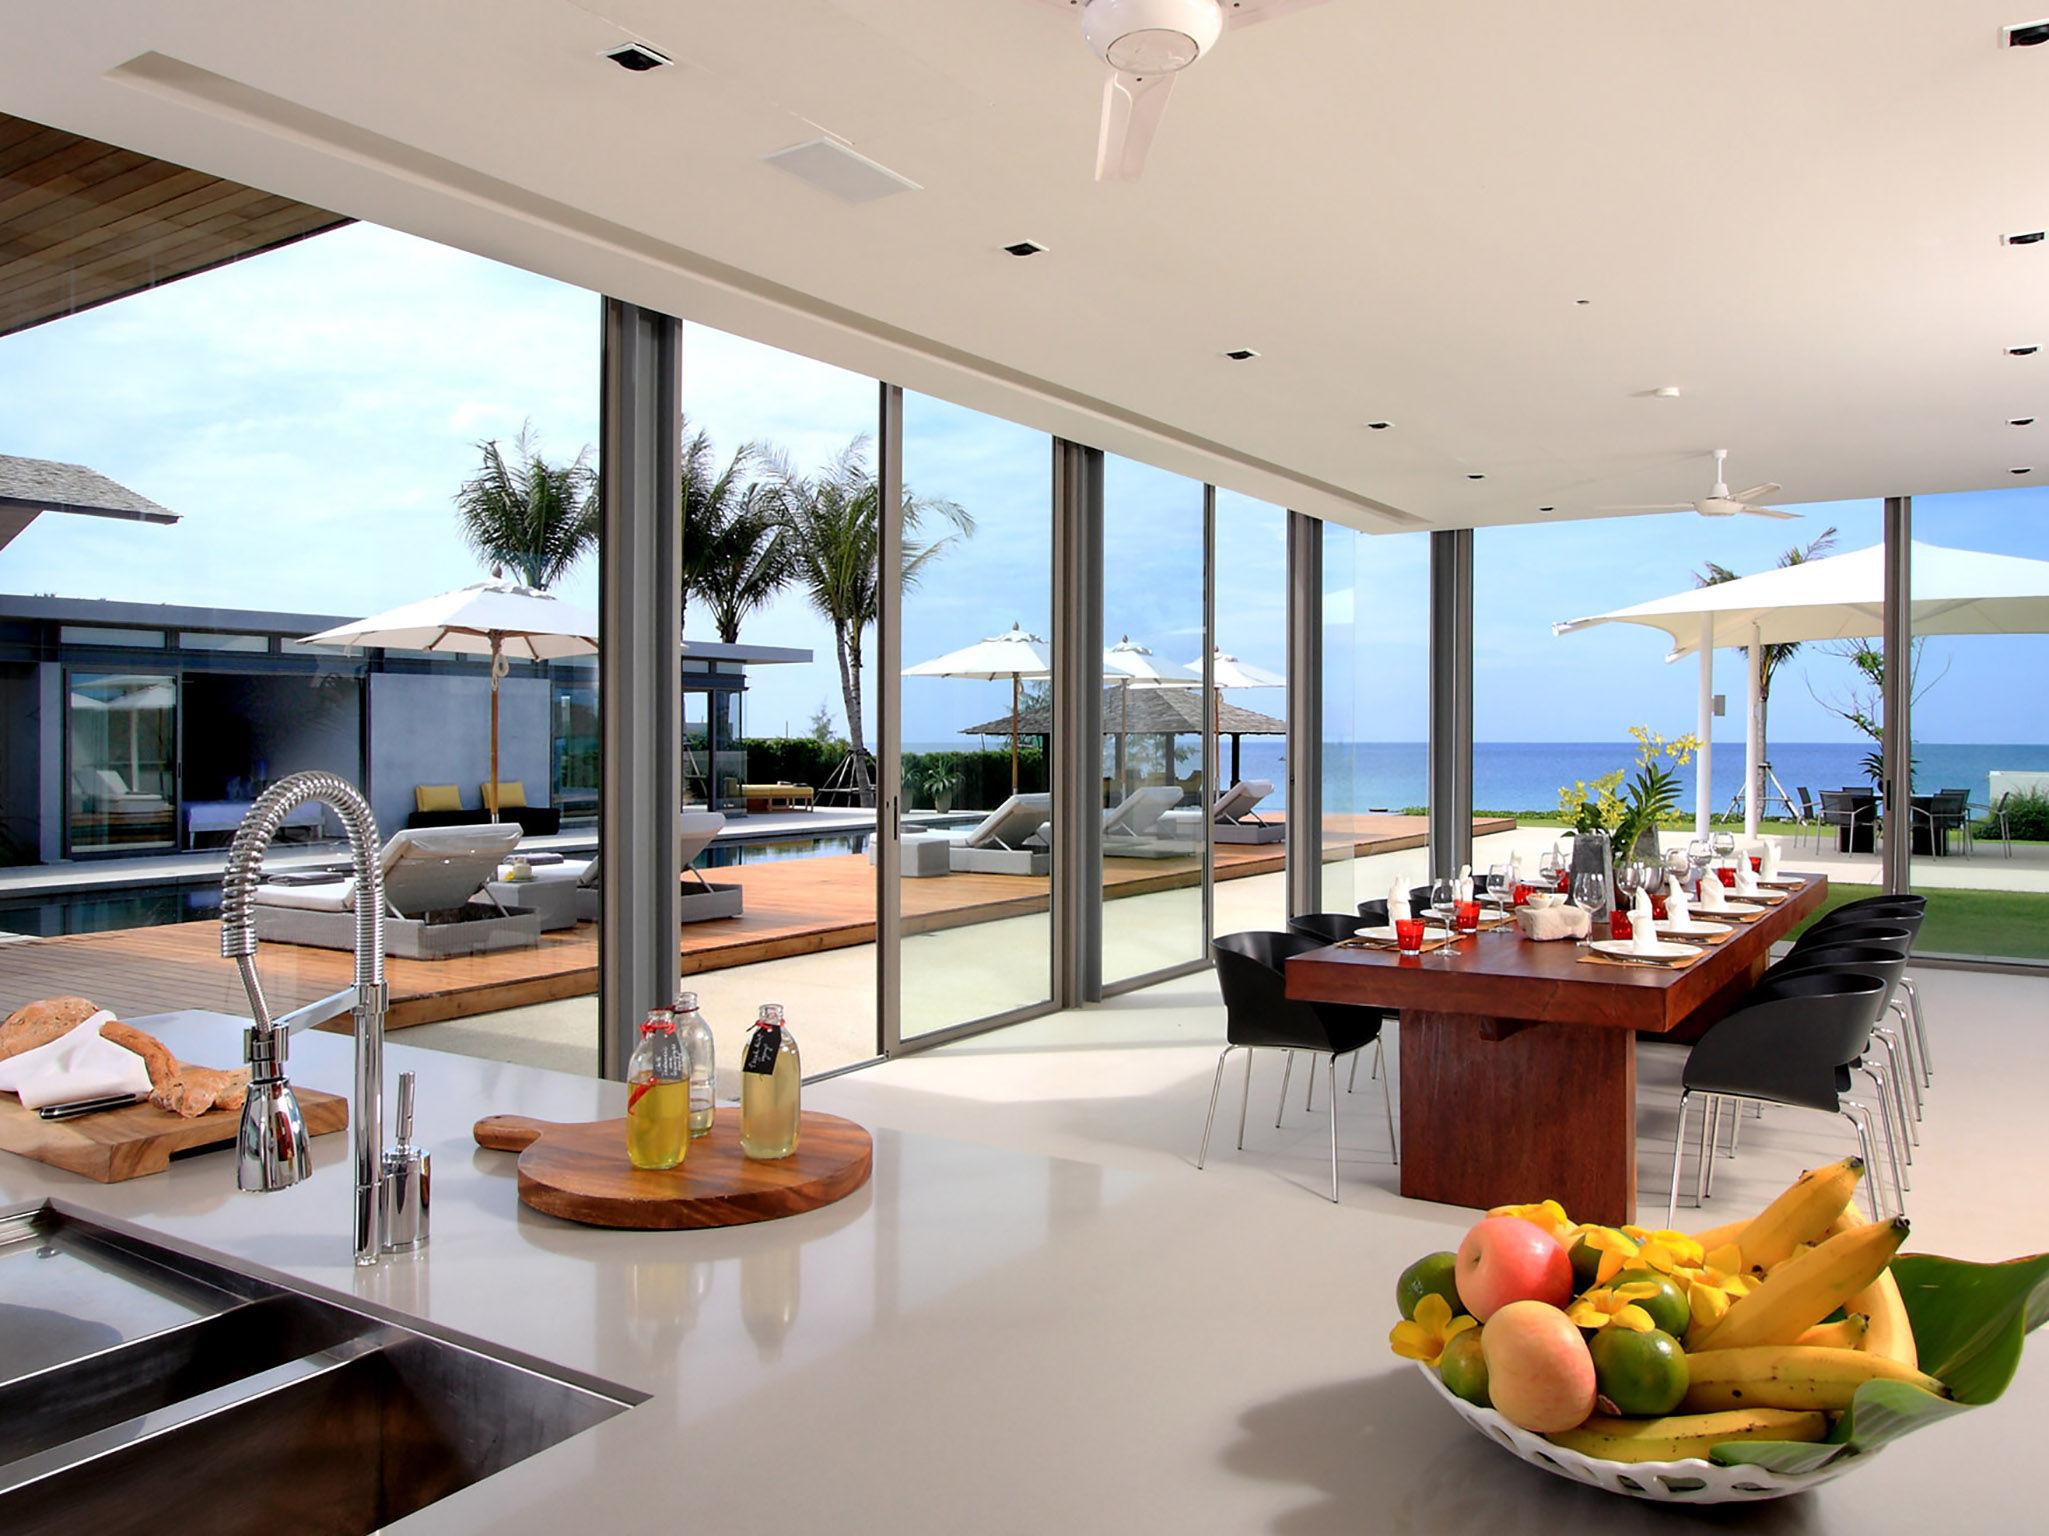 Villa Amarelo - Dining area outlook